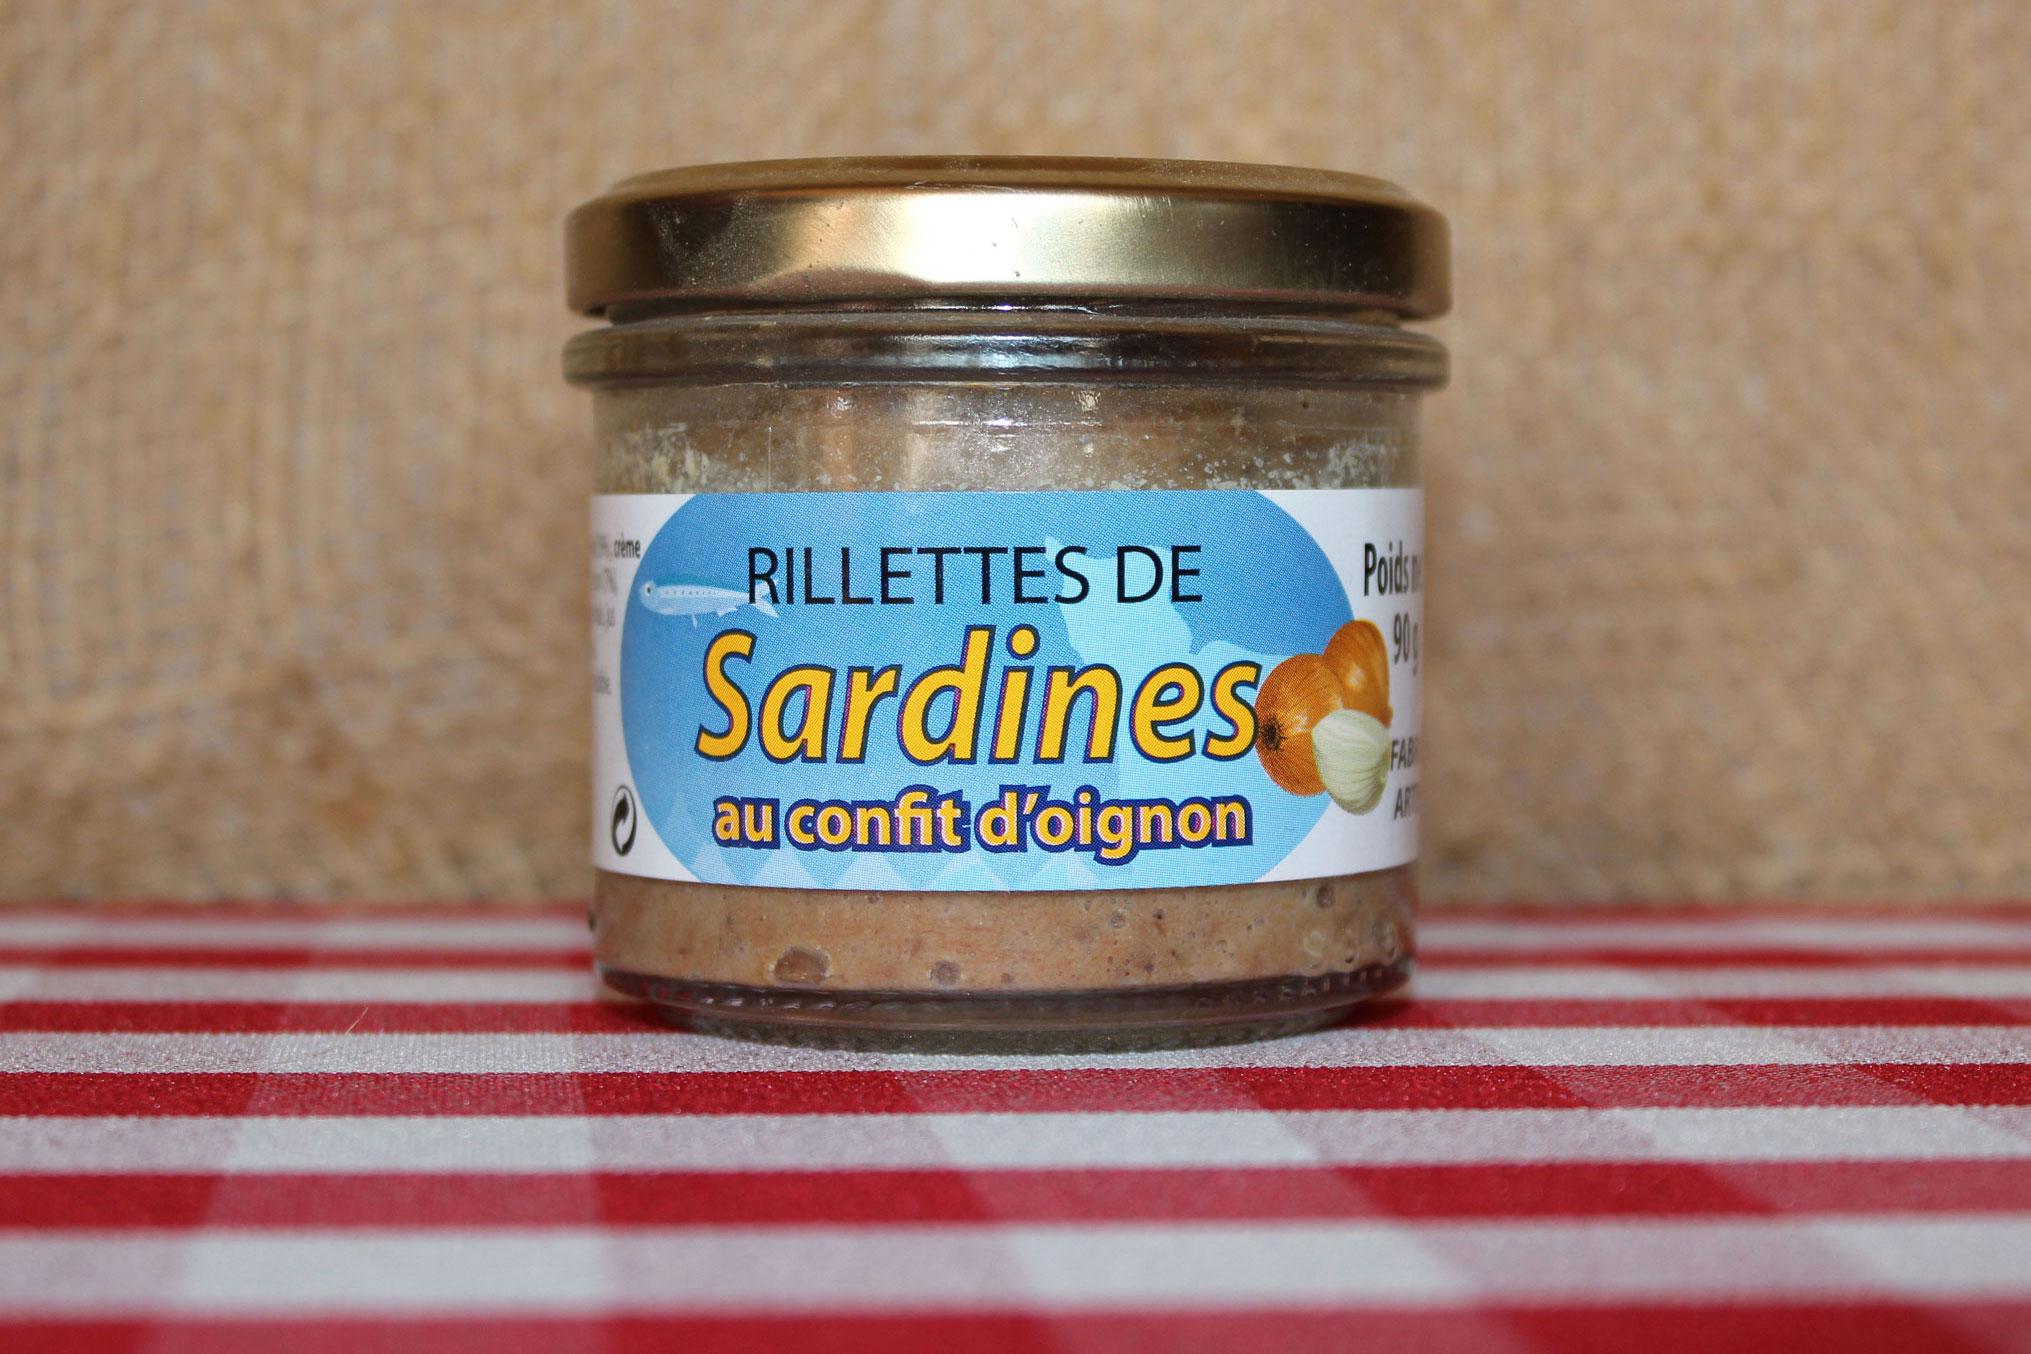 Rillettes de sardine au confit d 39 oignon conserve maison saint lo - Conserve de sardines maison ...